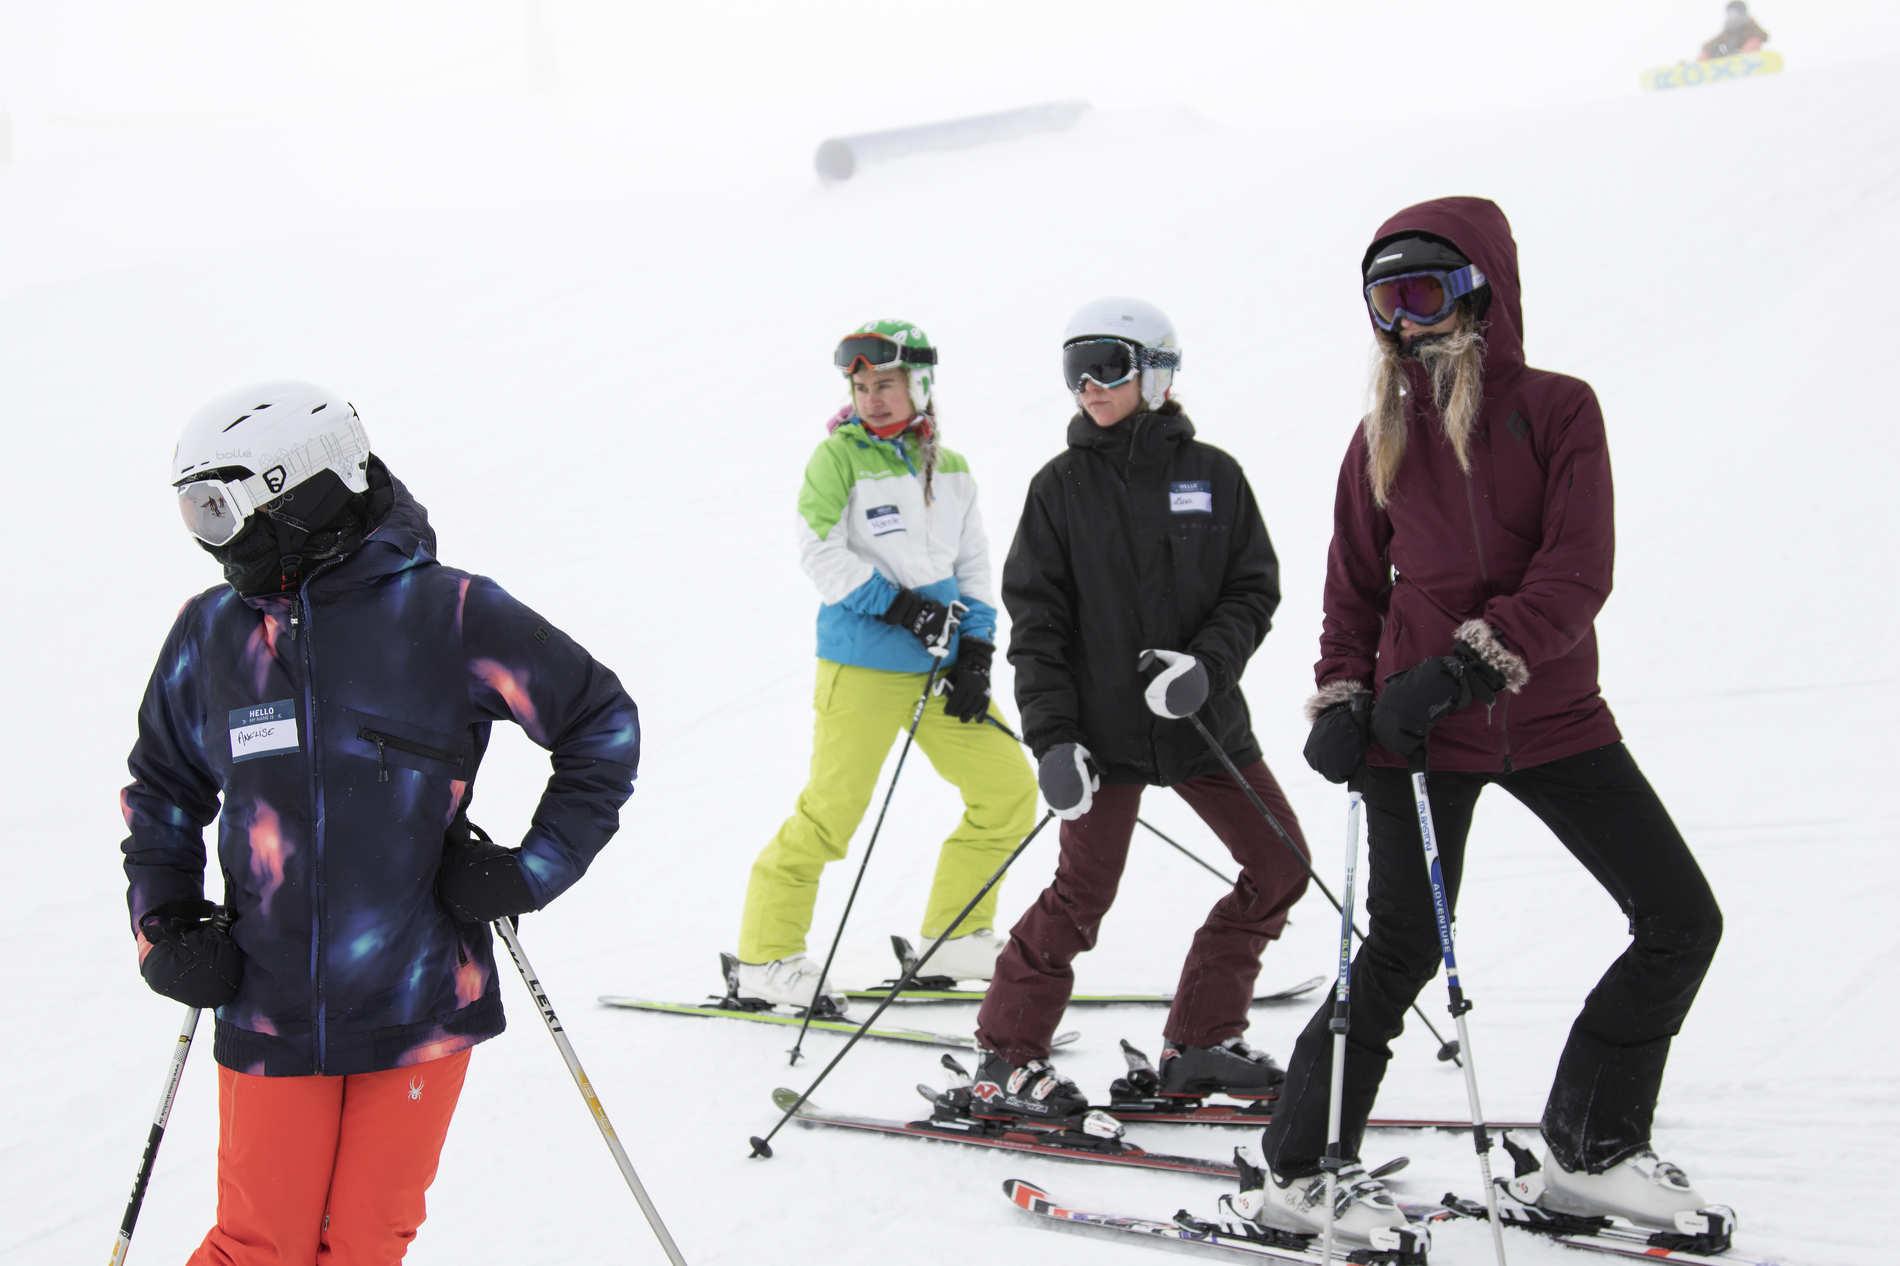 snowpark feldberg 24 02 2018 lifestyle fs sb martin herrmann qparks 23